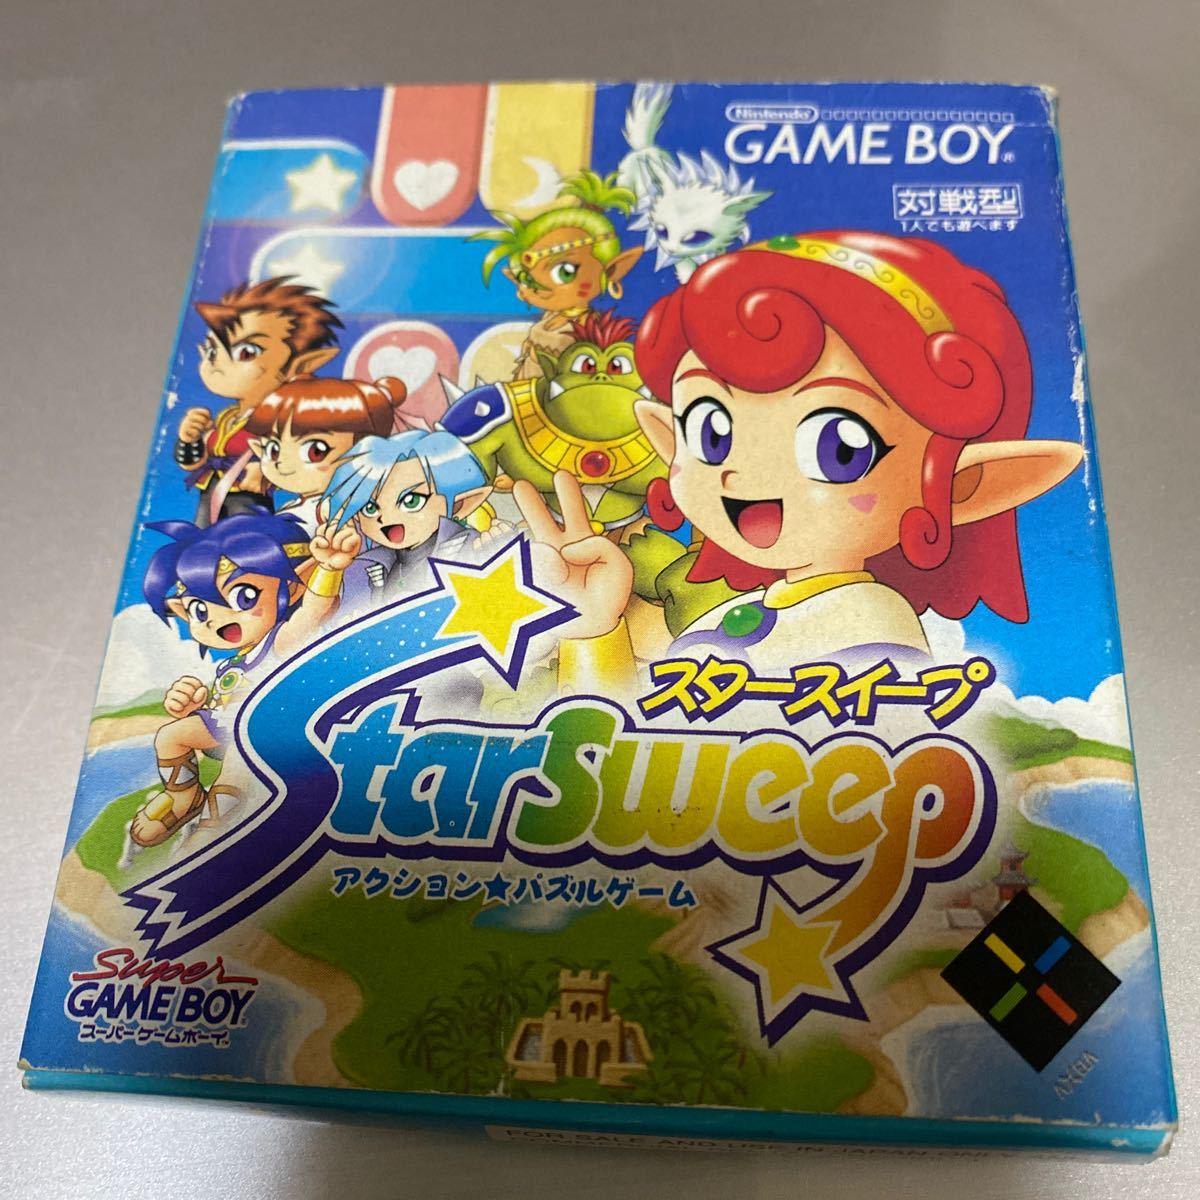 ゲームボーイソフト スタースイープ